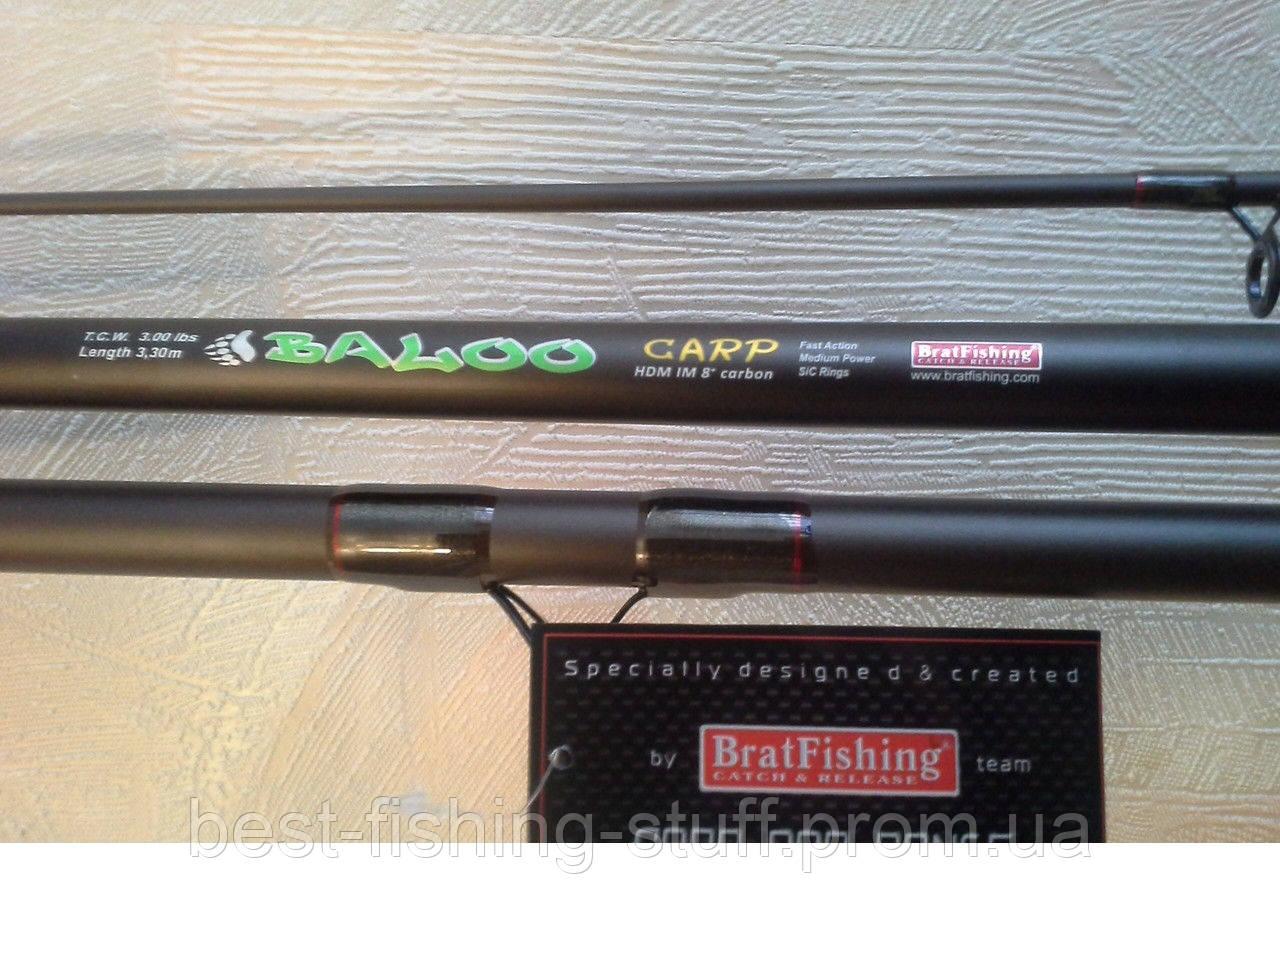 Карповое удилище Baloo Carp 3.3м (3.0lbs) carbon im 8